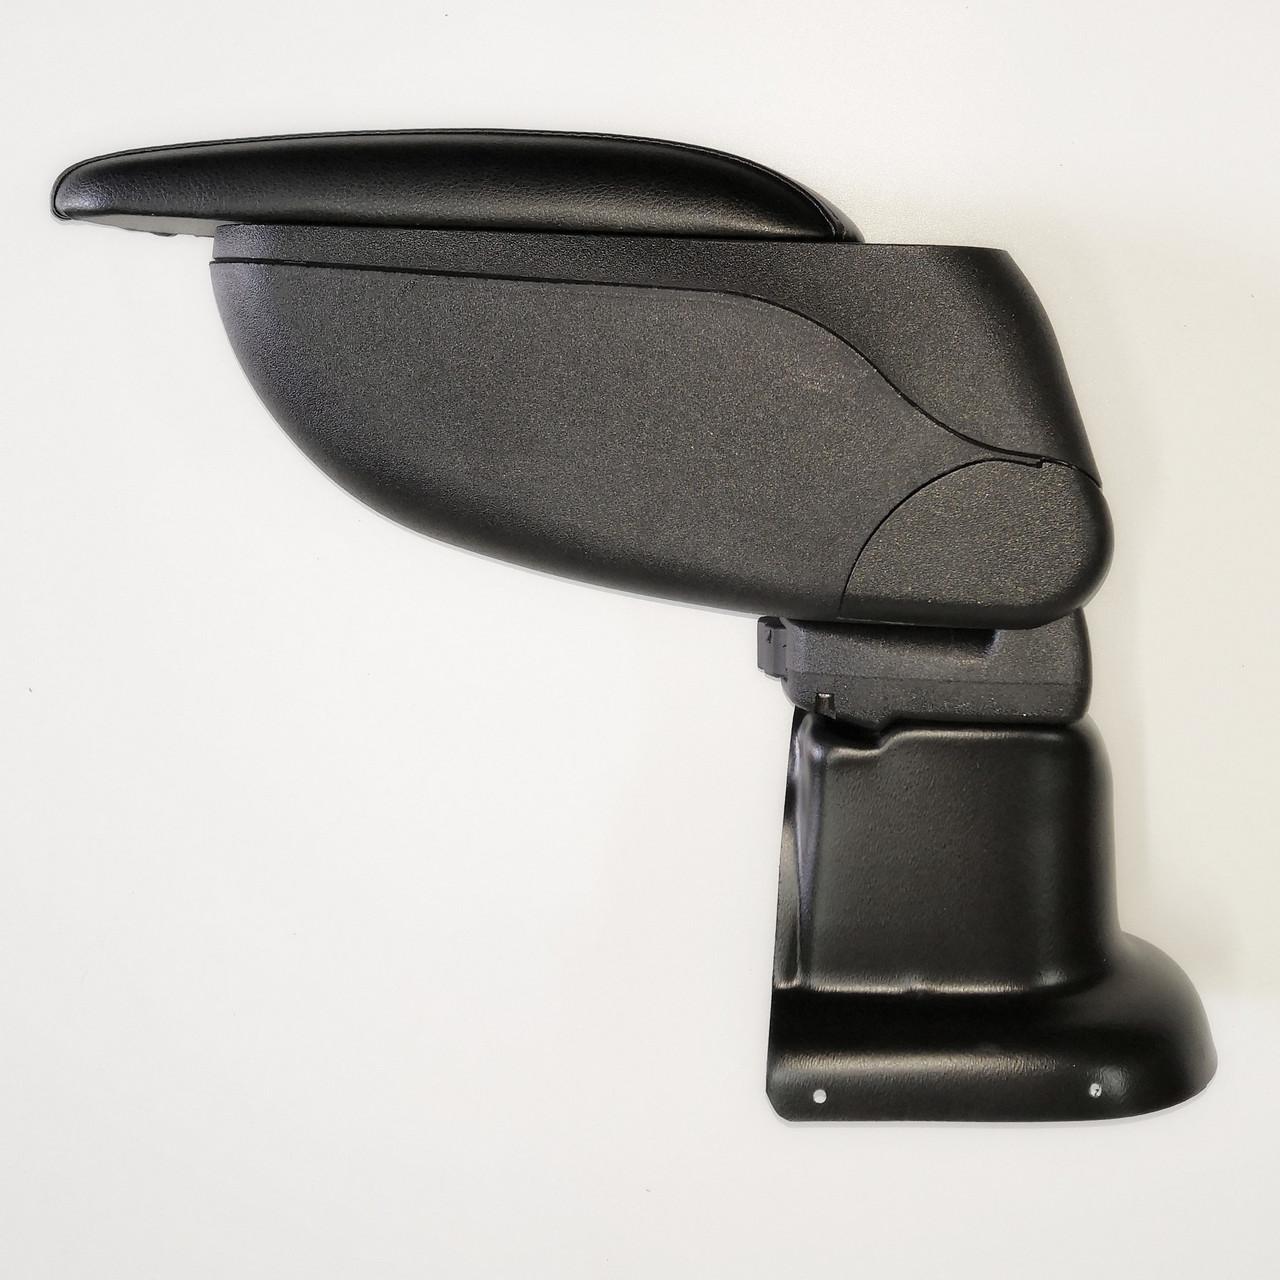 Підлокітник armcik s2 з зсувною кришкою і регульованим нахилом для Ford Fusion 2002-2012